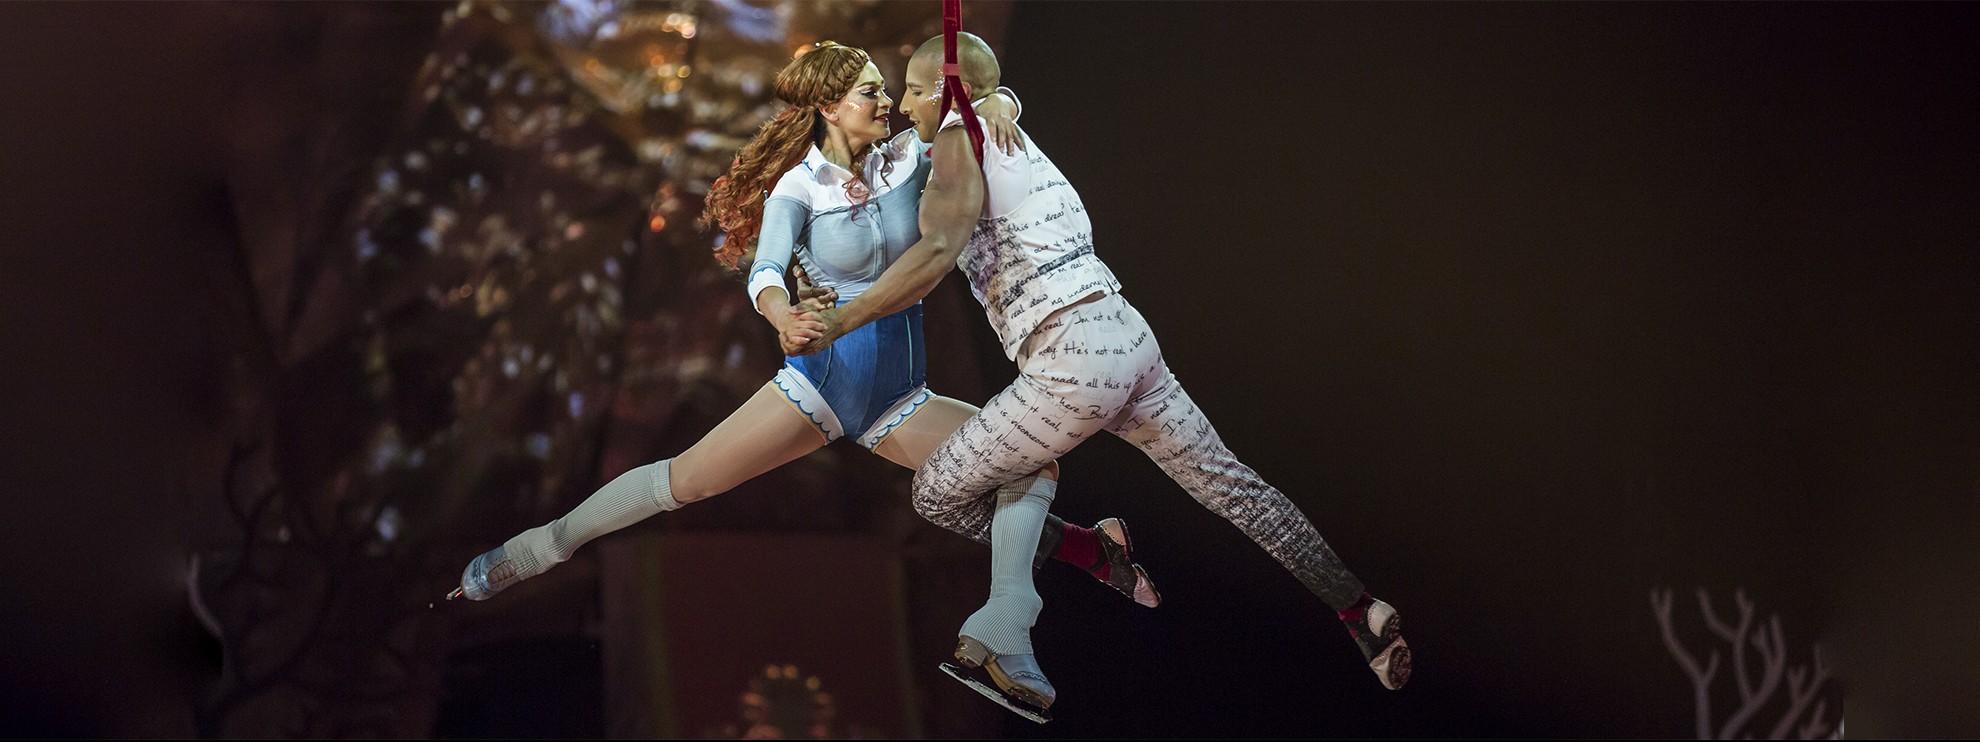 виконавець Cirque du Soleil (Цирк Дю Солей)